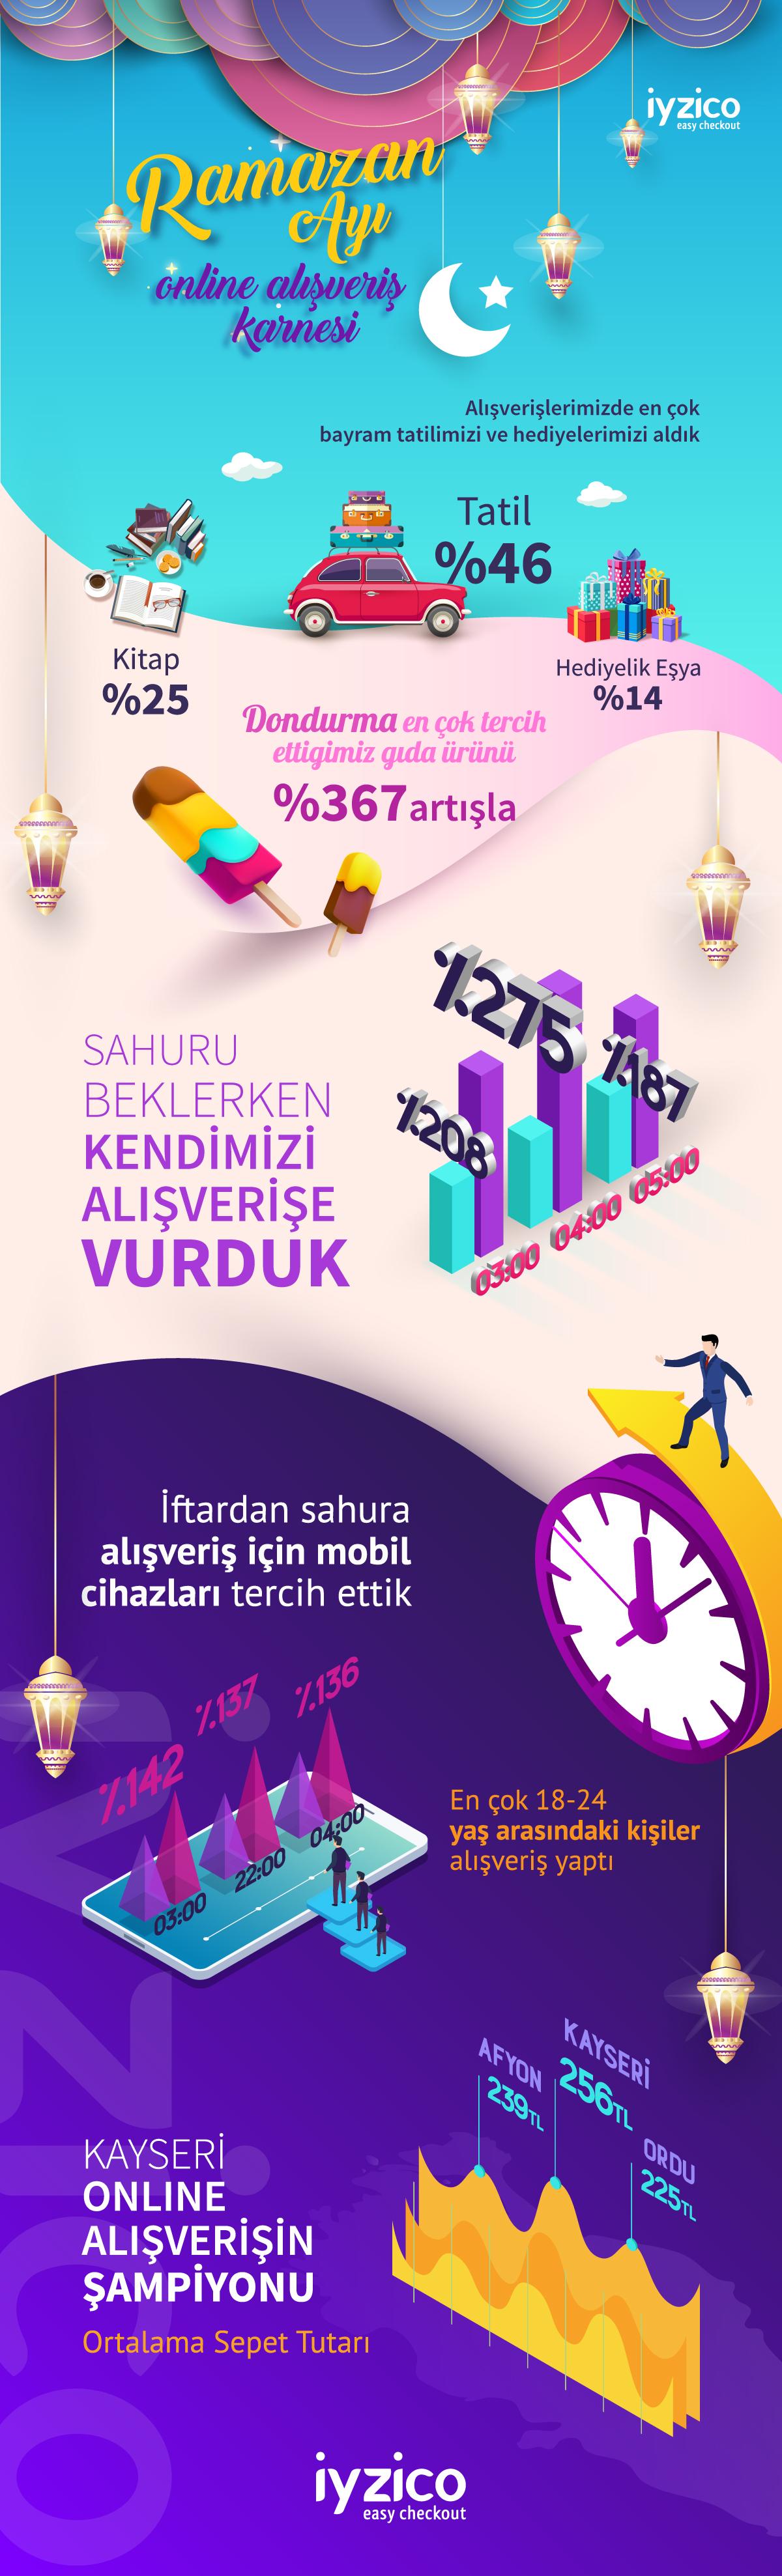 Ramazan Ayı Online Alışveriş Karnesi 2018 [İnfografik]